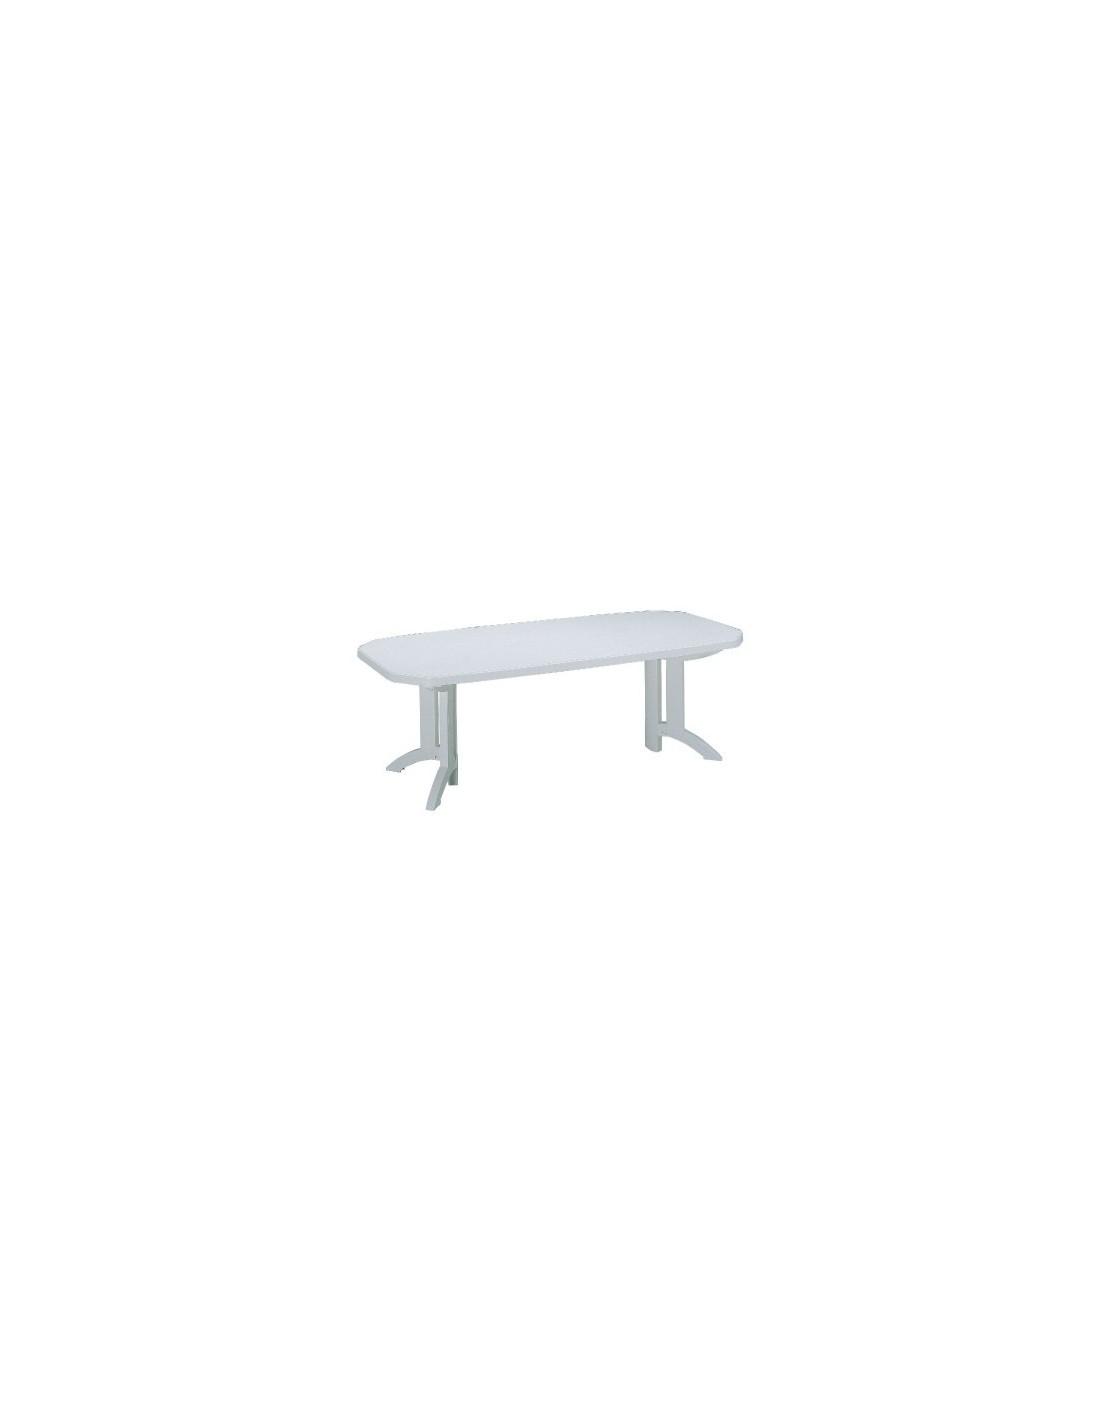 Salon r sine blanche bg table vega 1 rallonge - Table de jardin en resine blanche ...